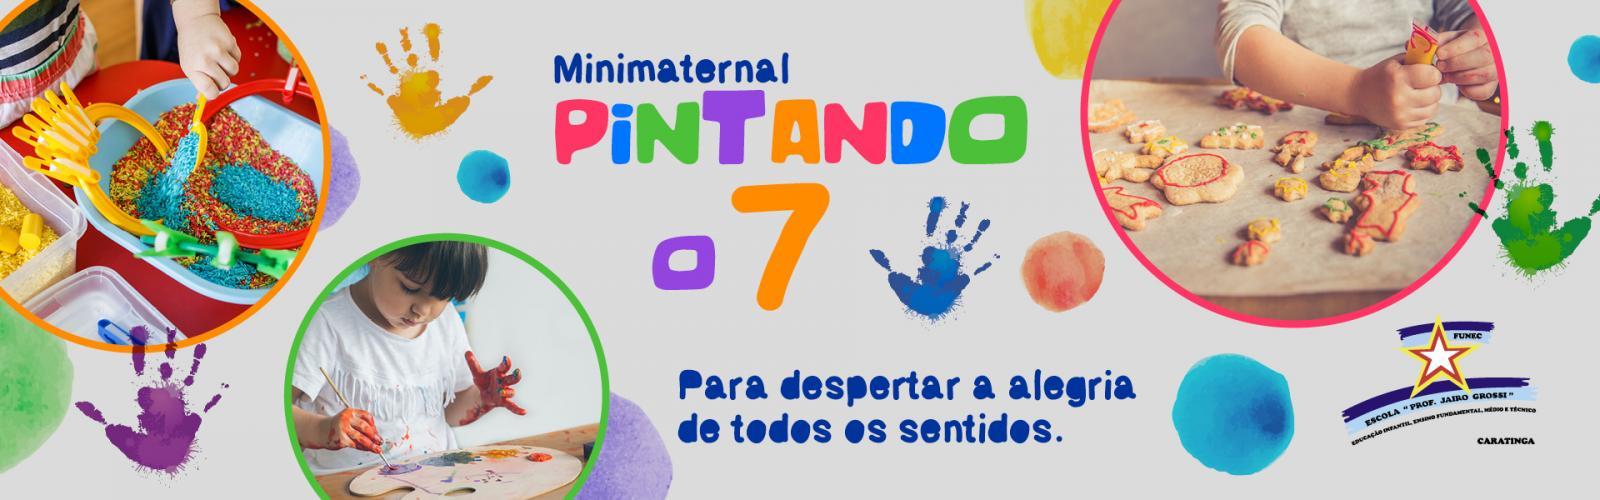 """Projeto sensorial, """"PINTANDO O 7"""" – Desenvolvendo diferentes atividades educativas com a turma do Minimaternal"""